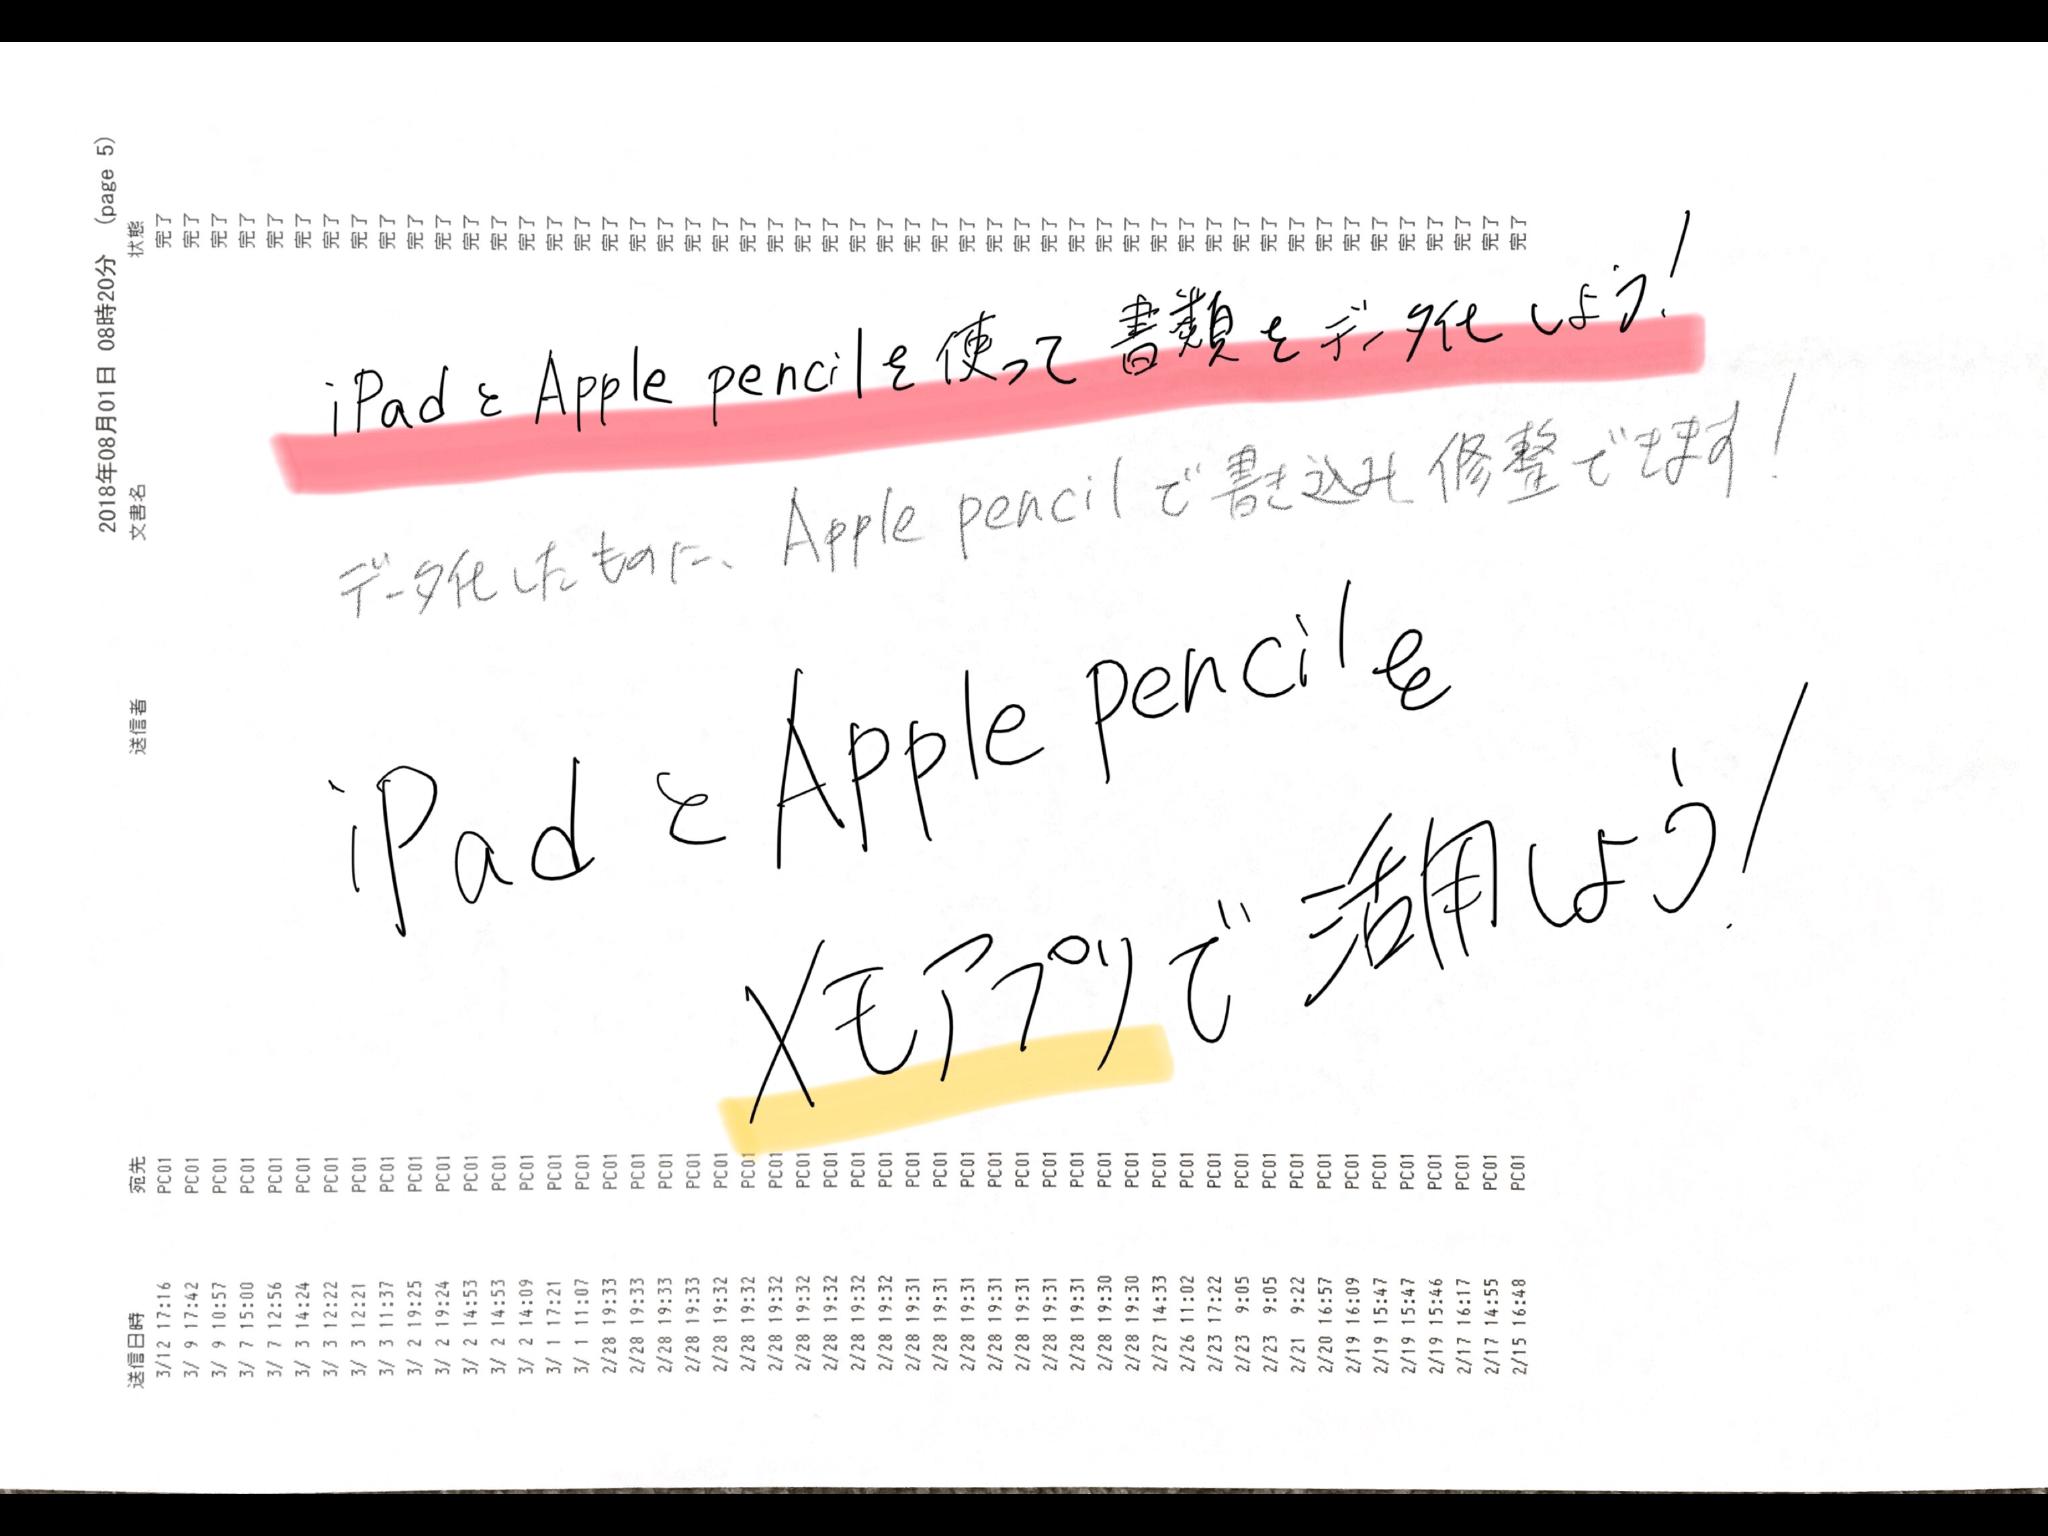 メモアプリ内にあるデータにApplePencilで書き込んだ画像